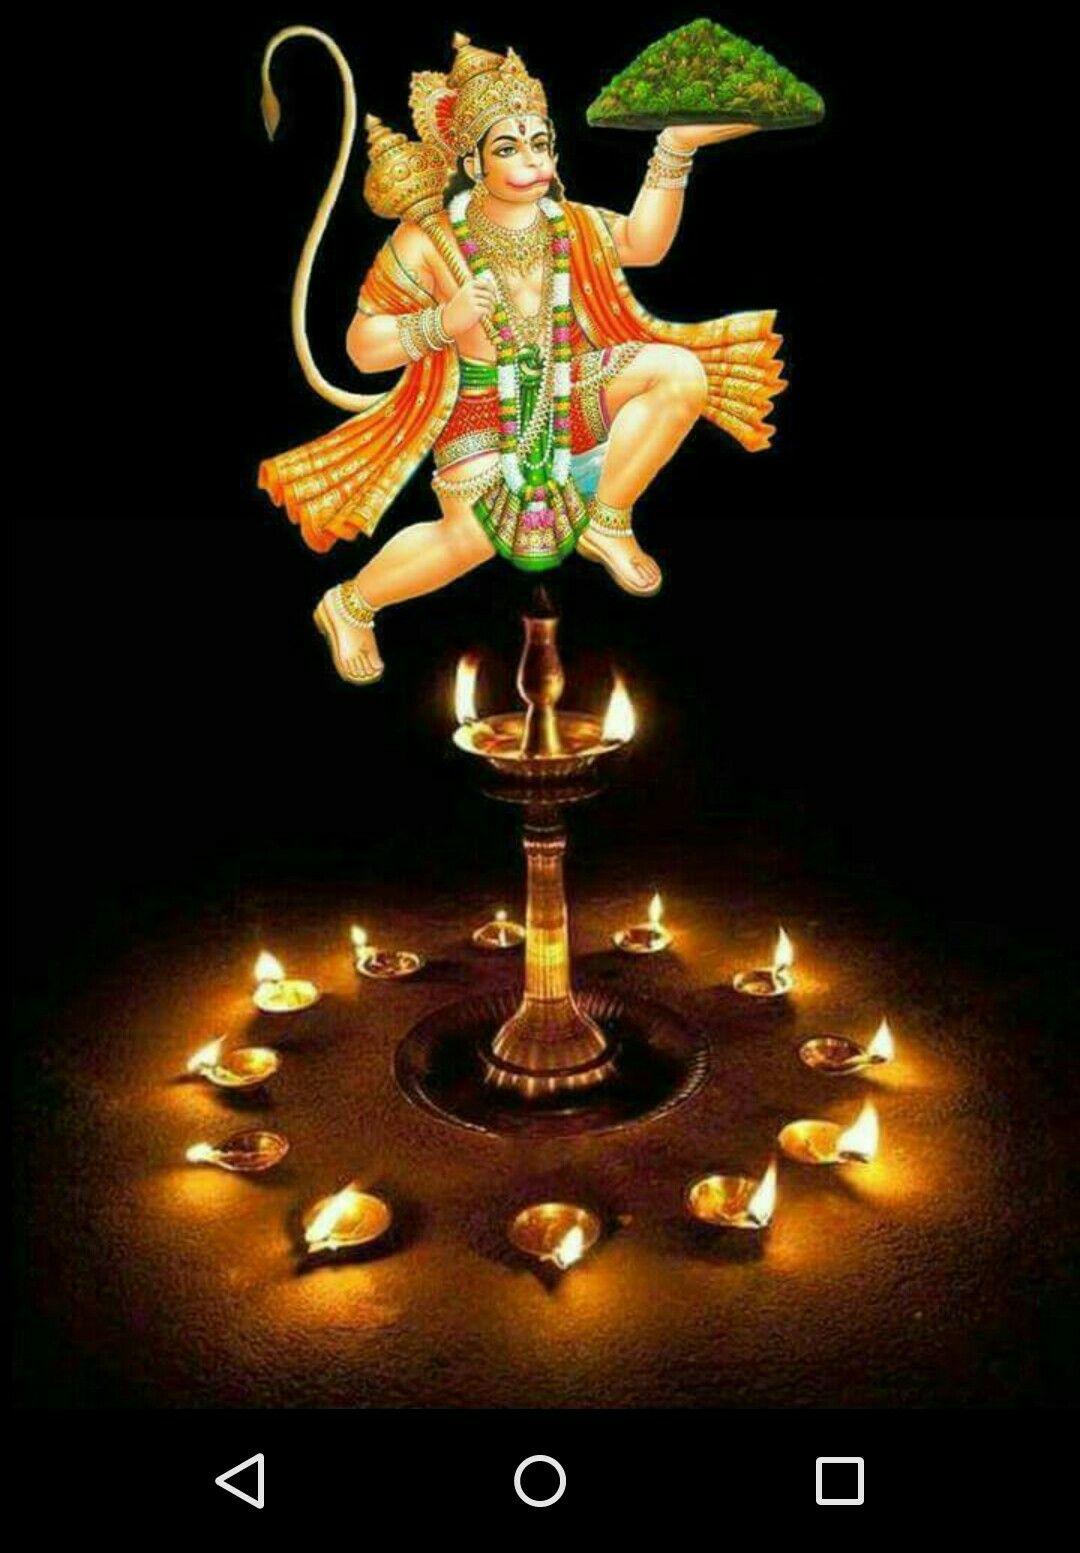 Pin by Rajesh joshi on hnuman ji Hanumanji, Shri hanuman